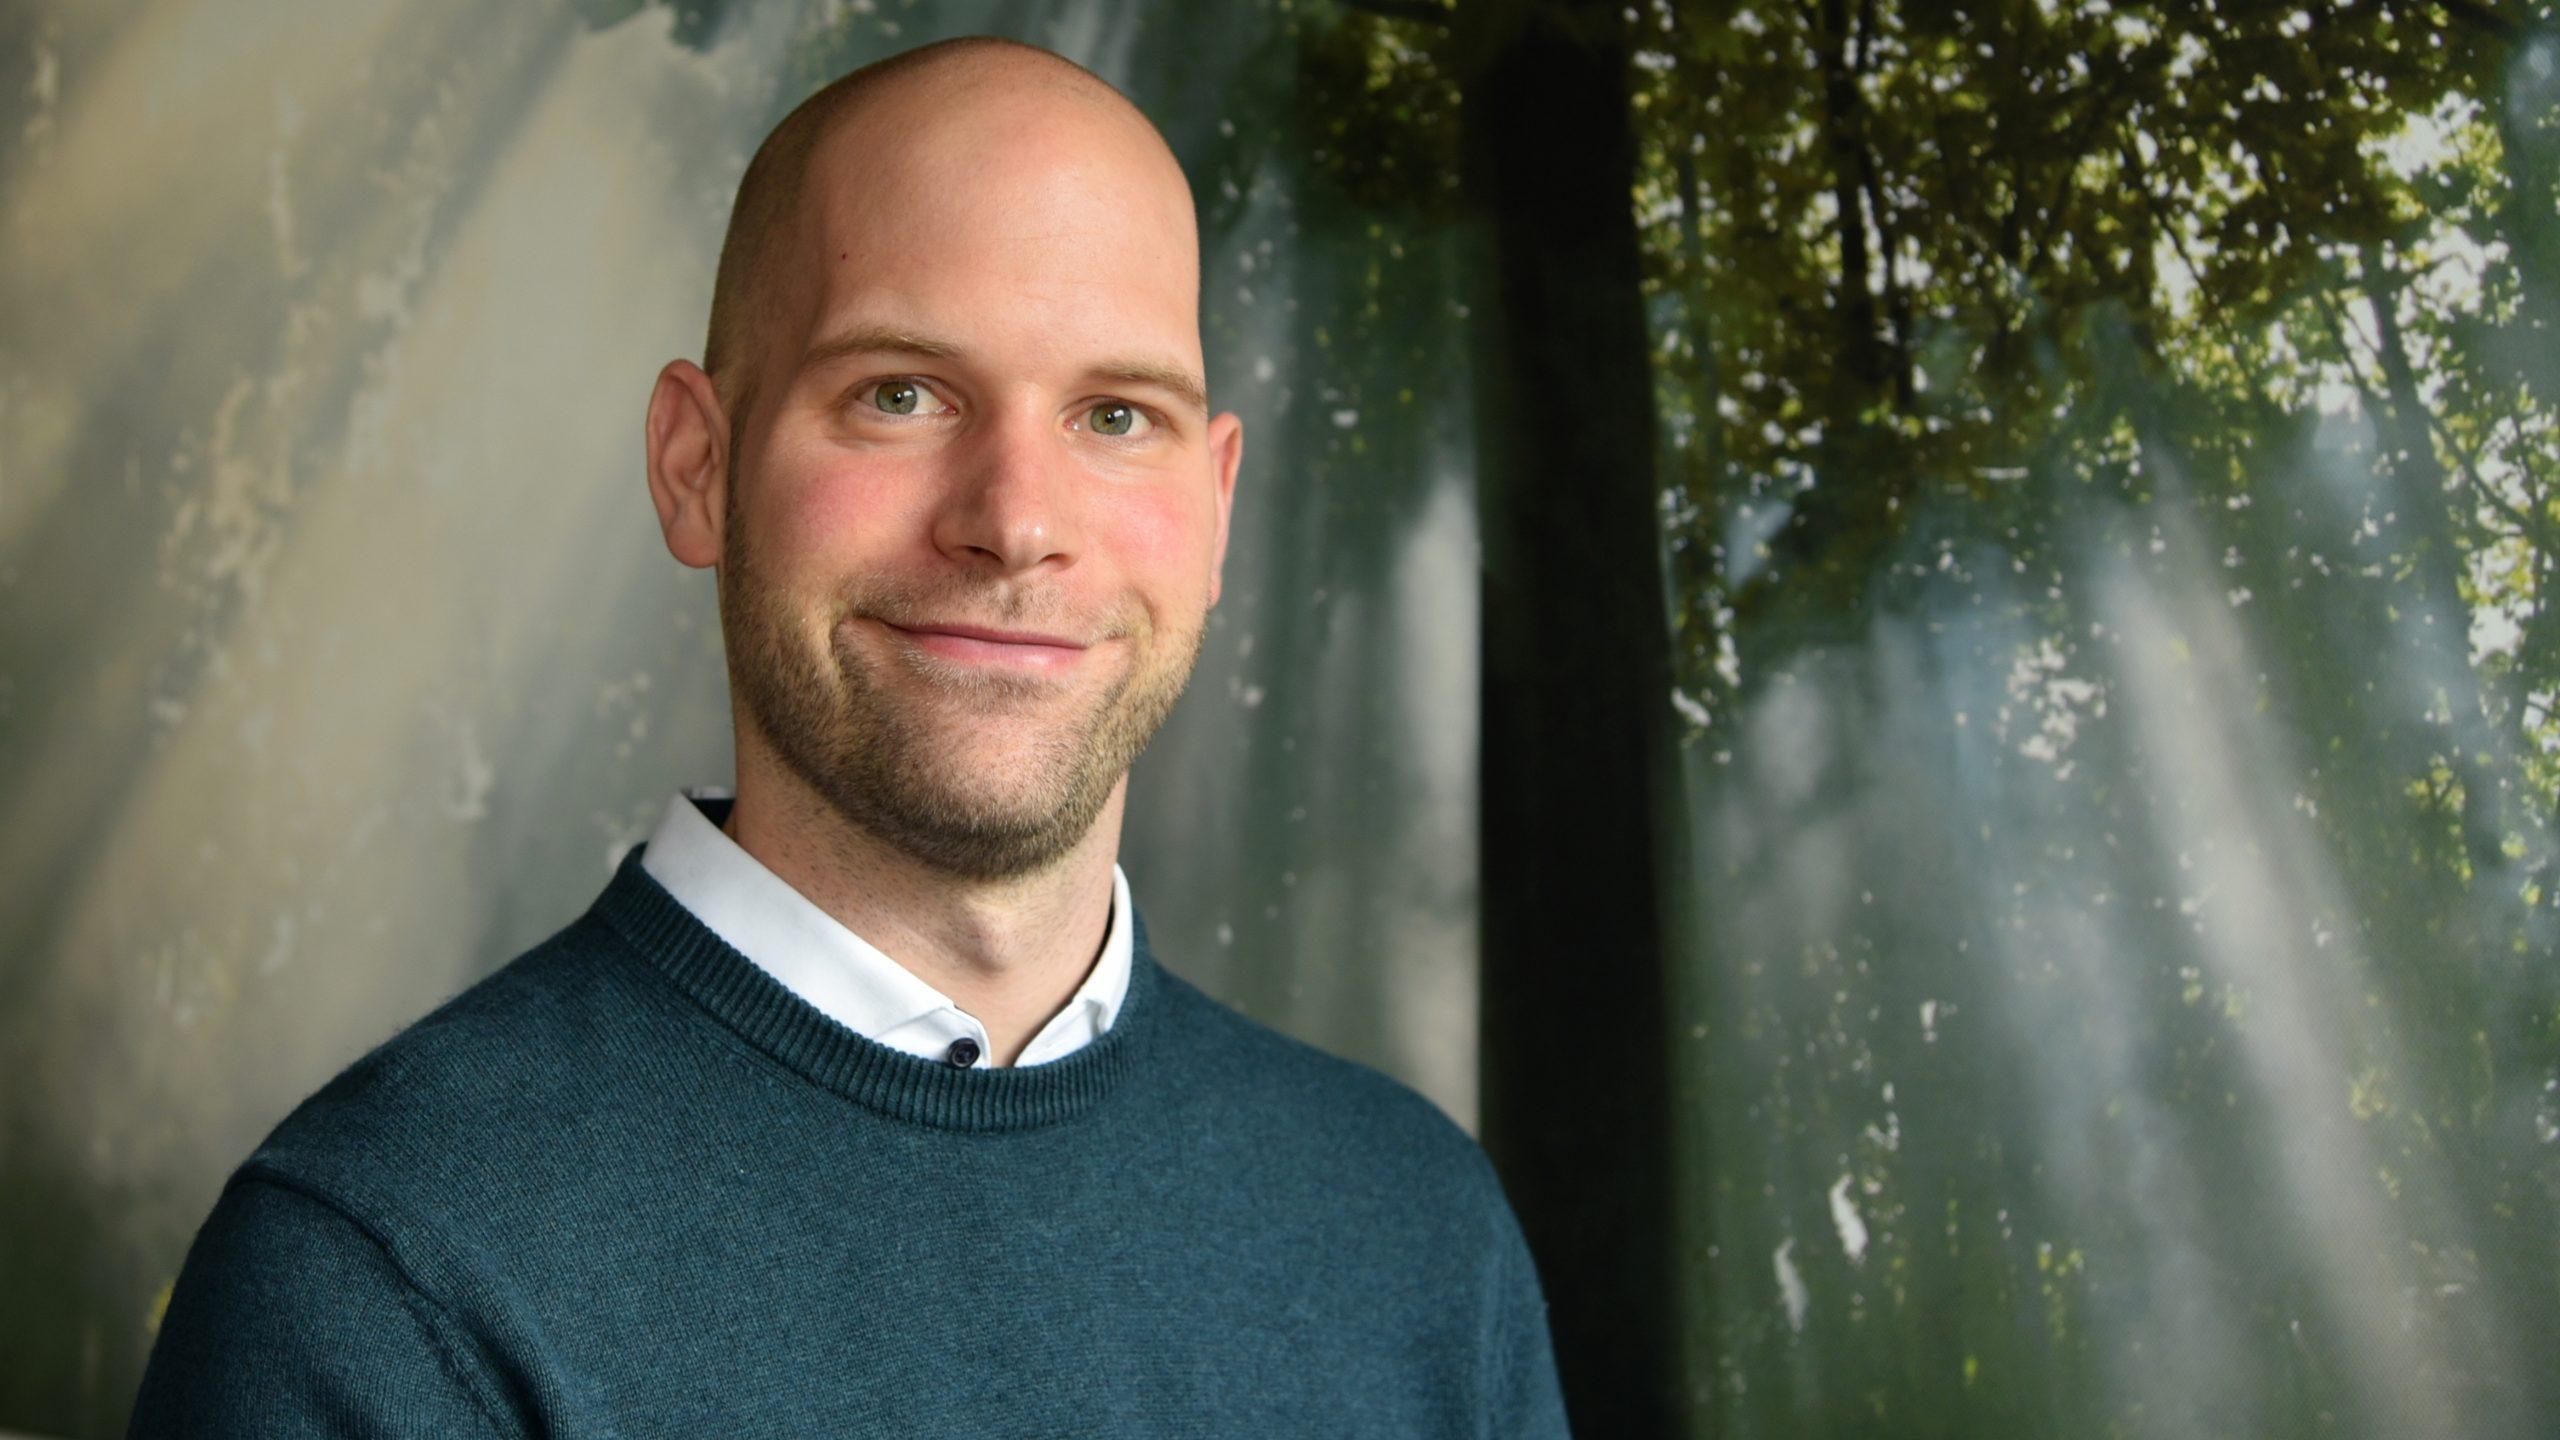 Marcel Thelen ist neuer Leiter der Evangelischen Beratungsstelle für Kinder, Jugendliche und Erwachsene in Köln und Region